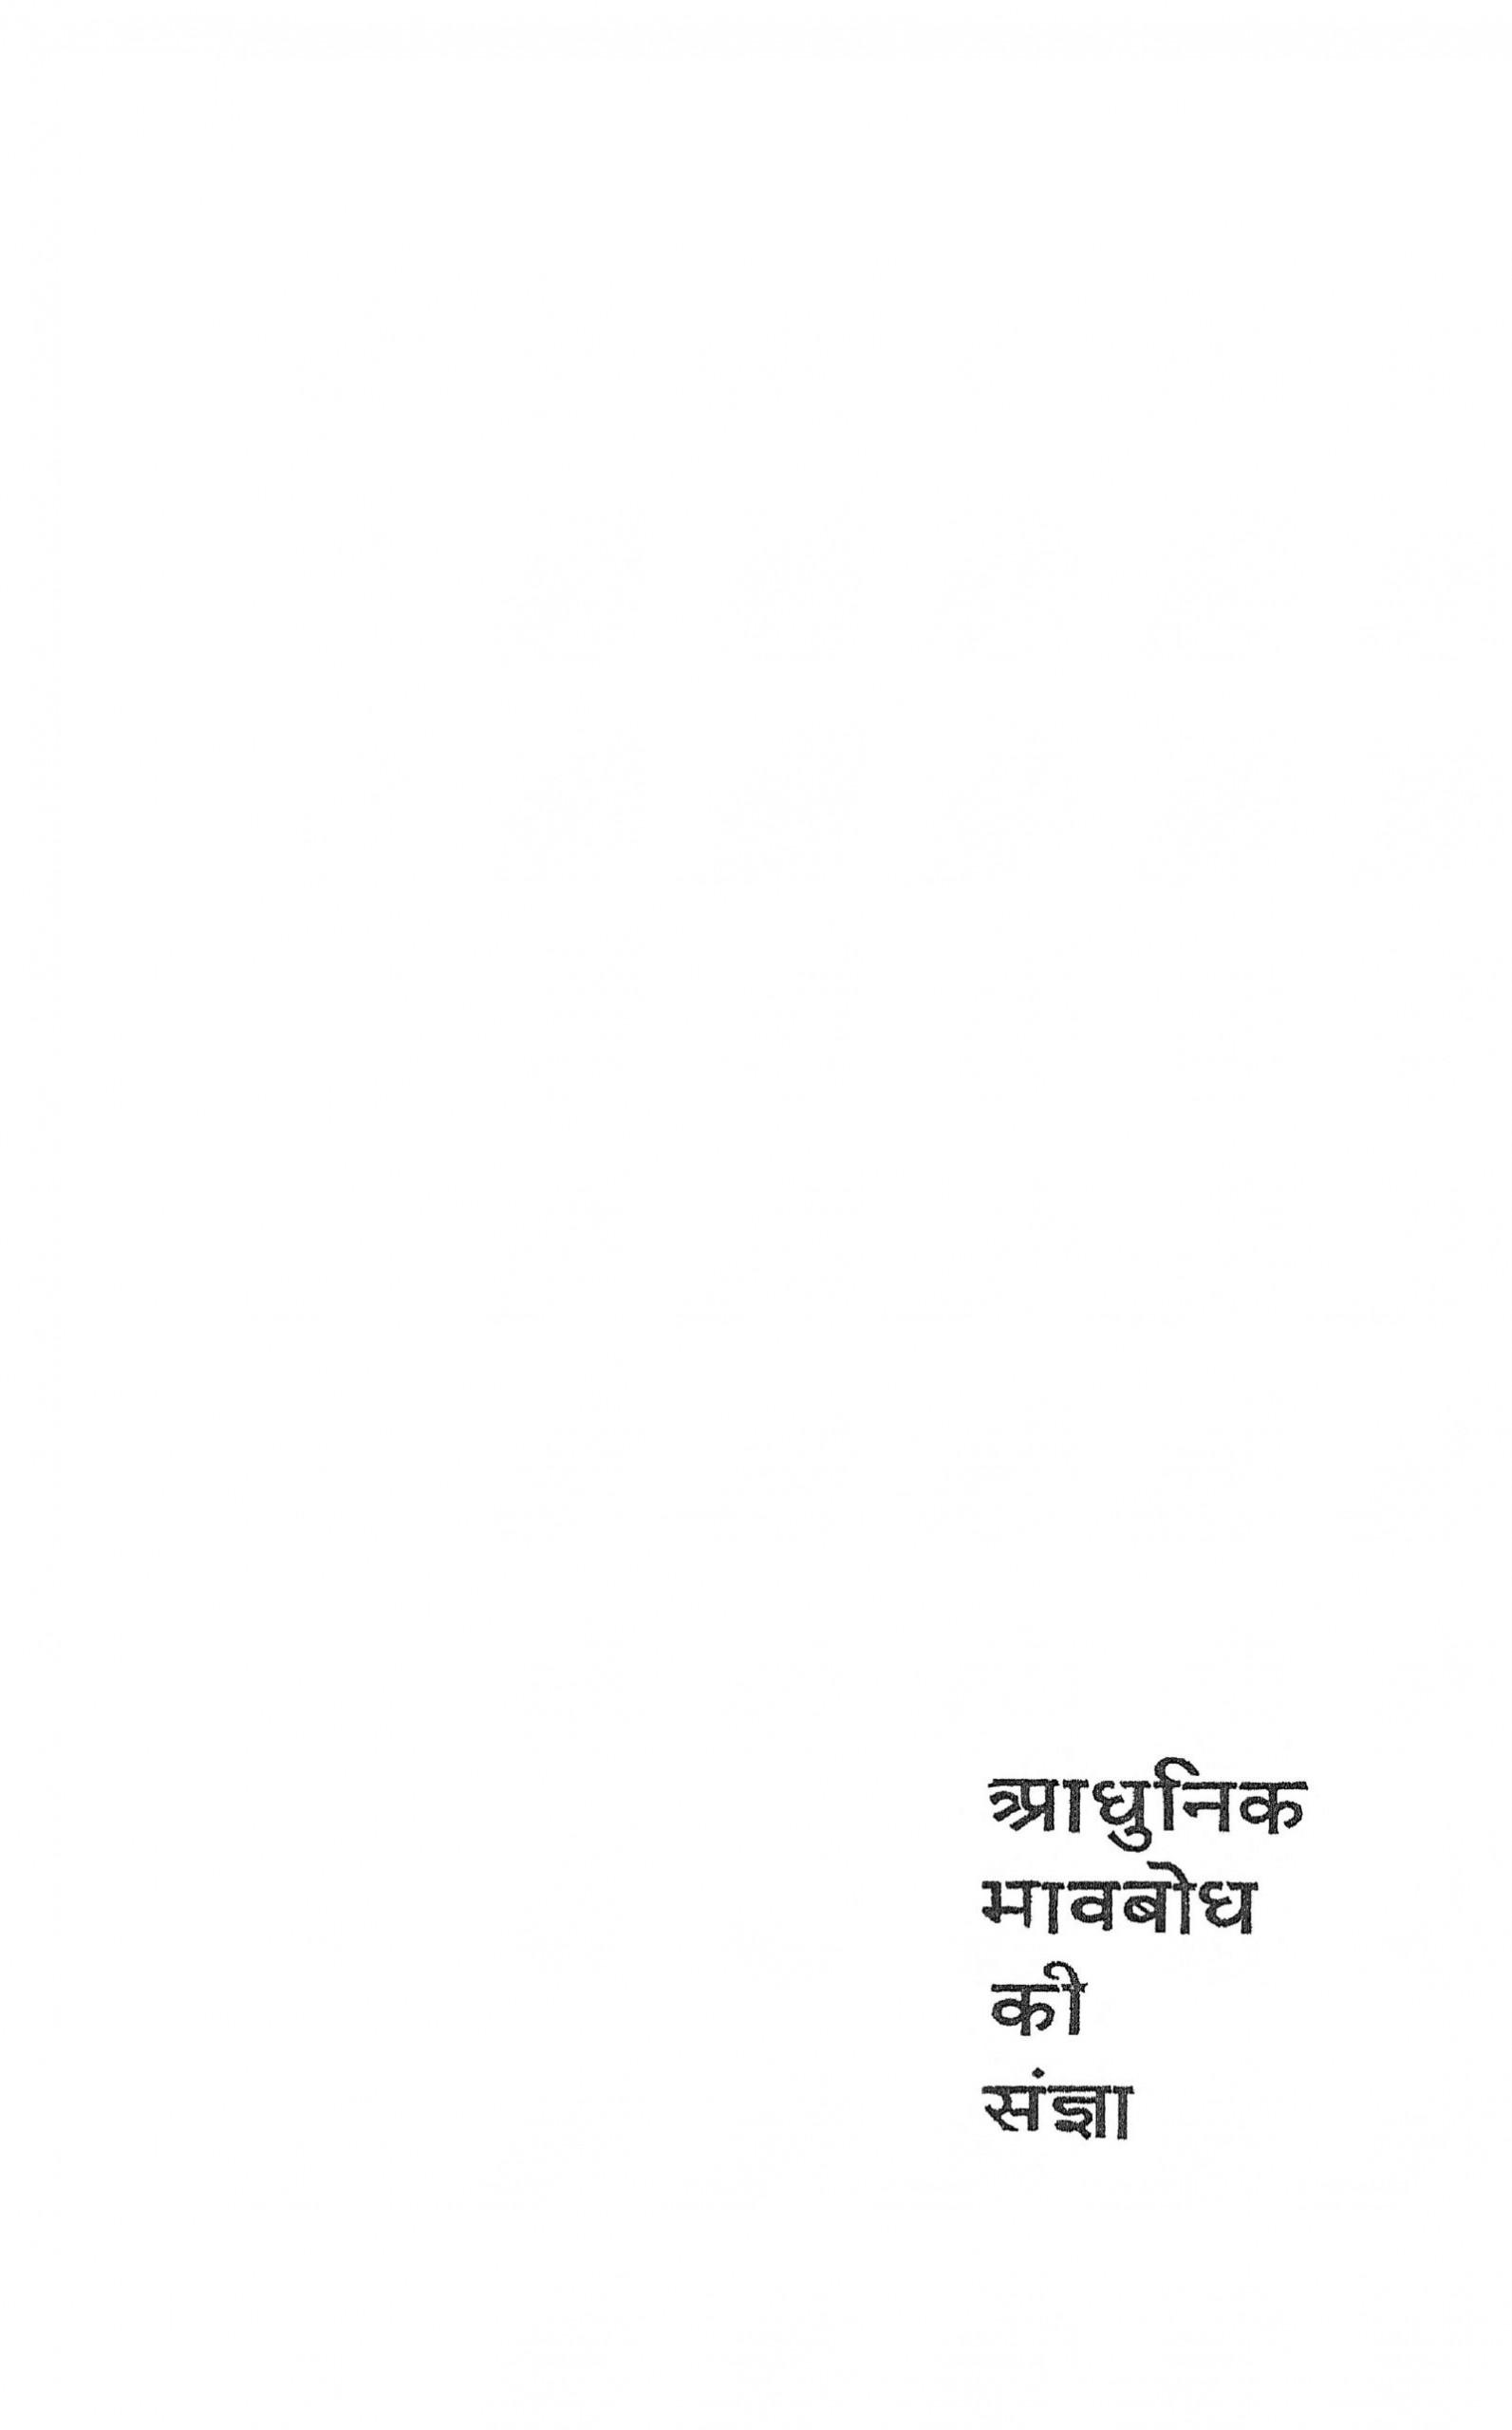 Aadhunik Bhavabogh Ki Sangya by अमृत राय - Amrit Rai